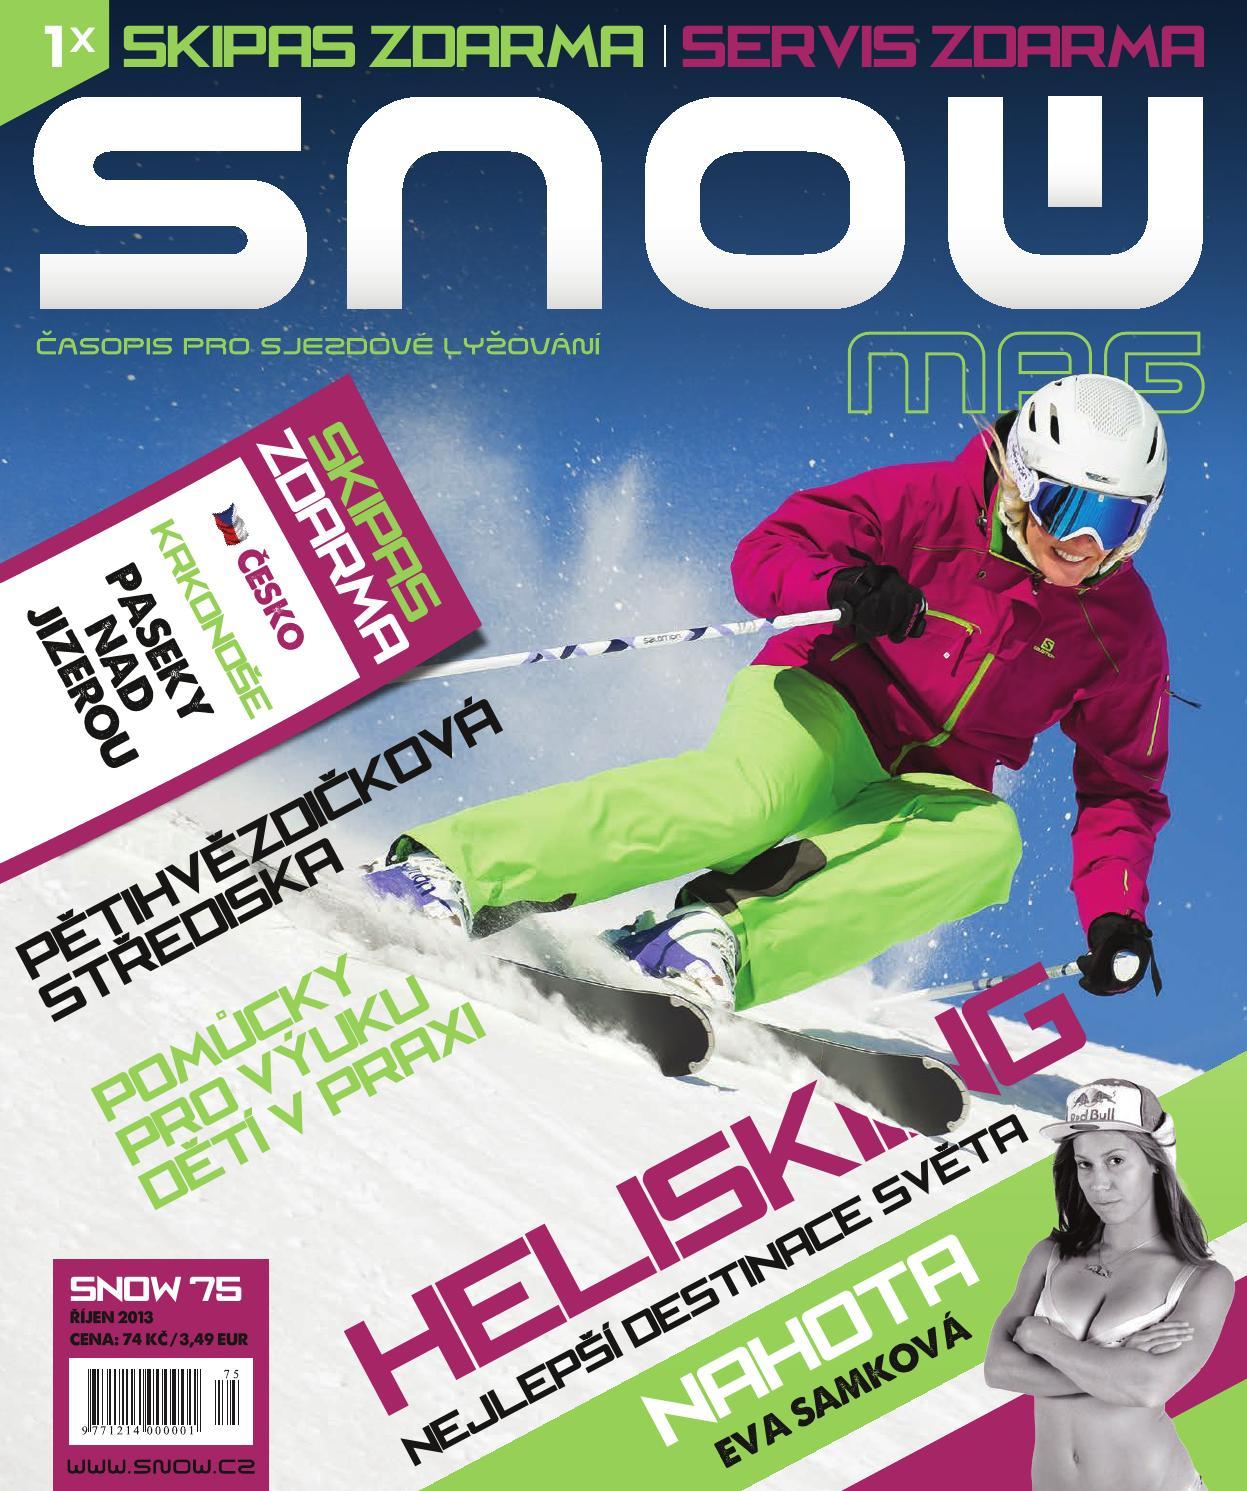 SNOW 75 - říjen 2013 by SNOW CZ s.r.o. - issuu d26500ac85